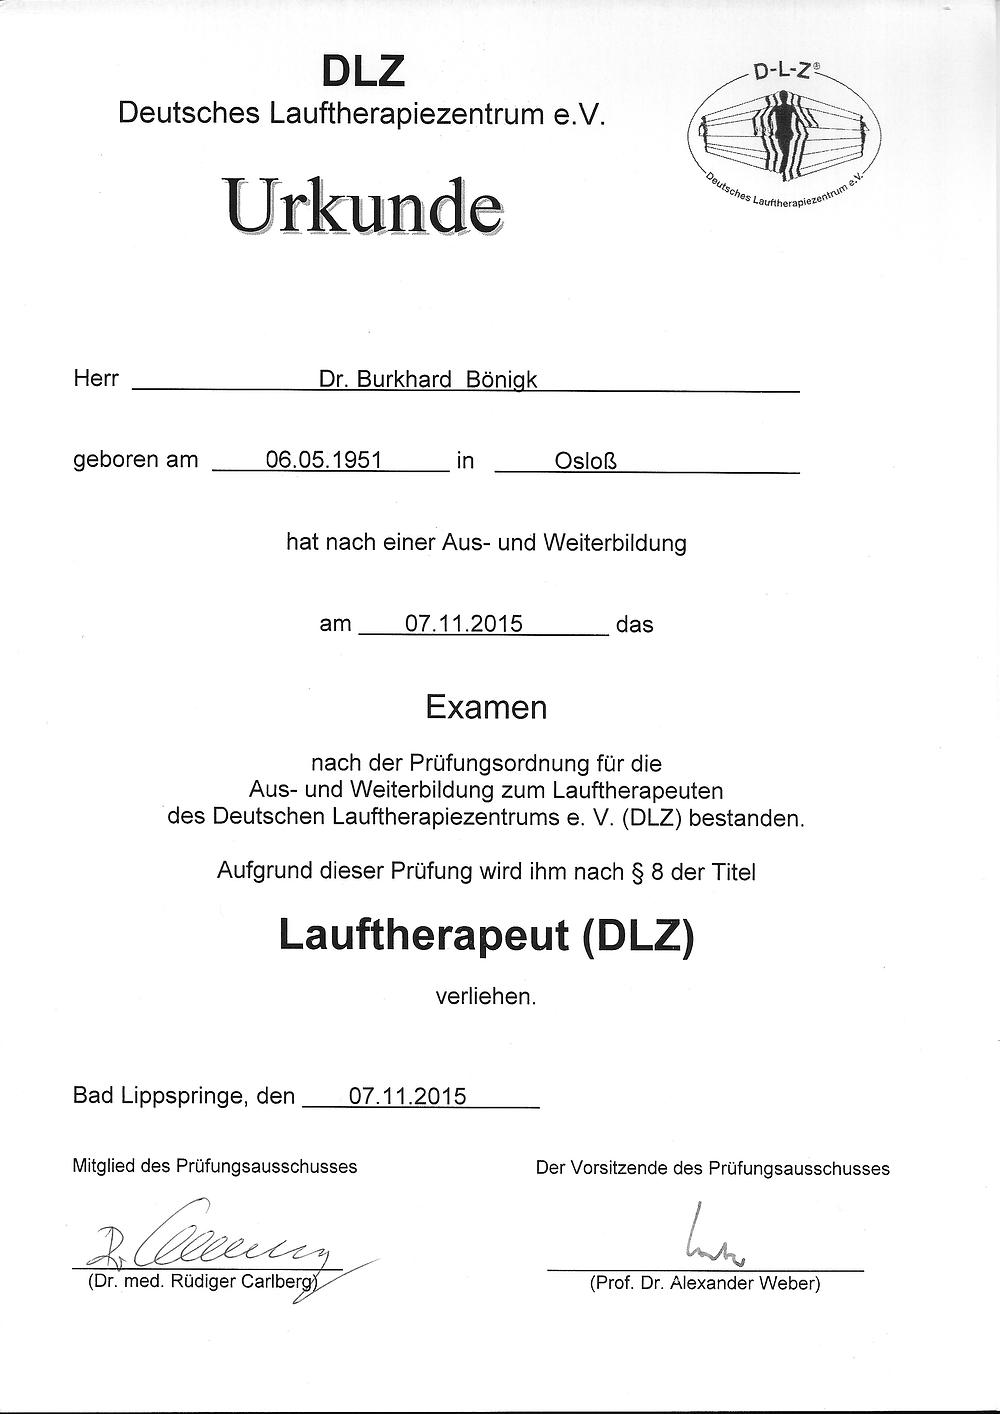 Laufinstinkt+® Schwaben Augsburg - Dr. Burkhard Boenigk - Urkunde Lauftherapeut DLZ®